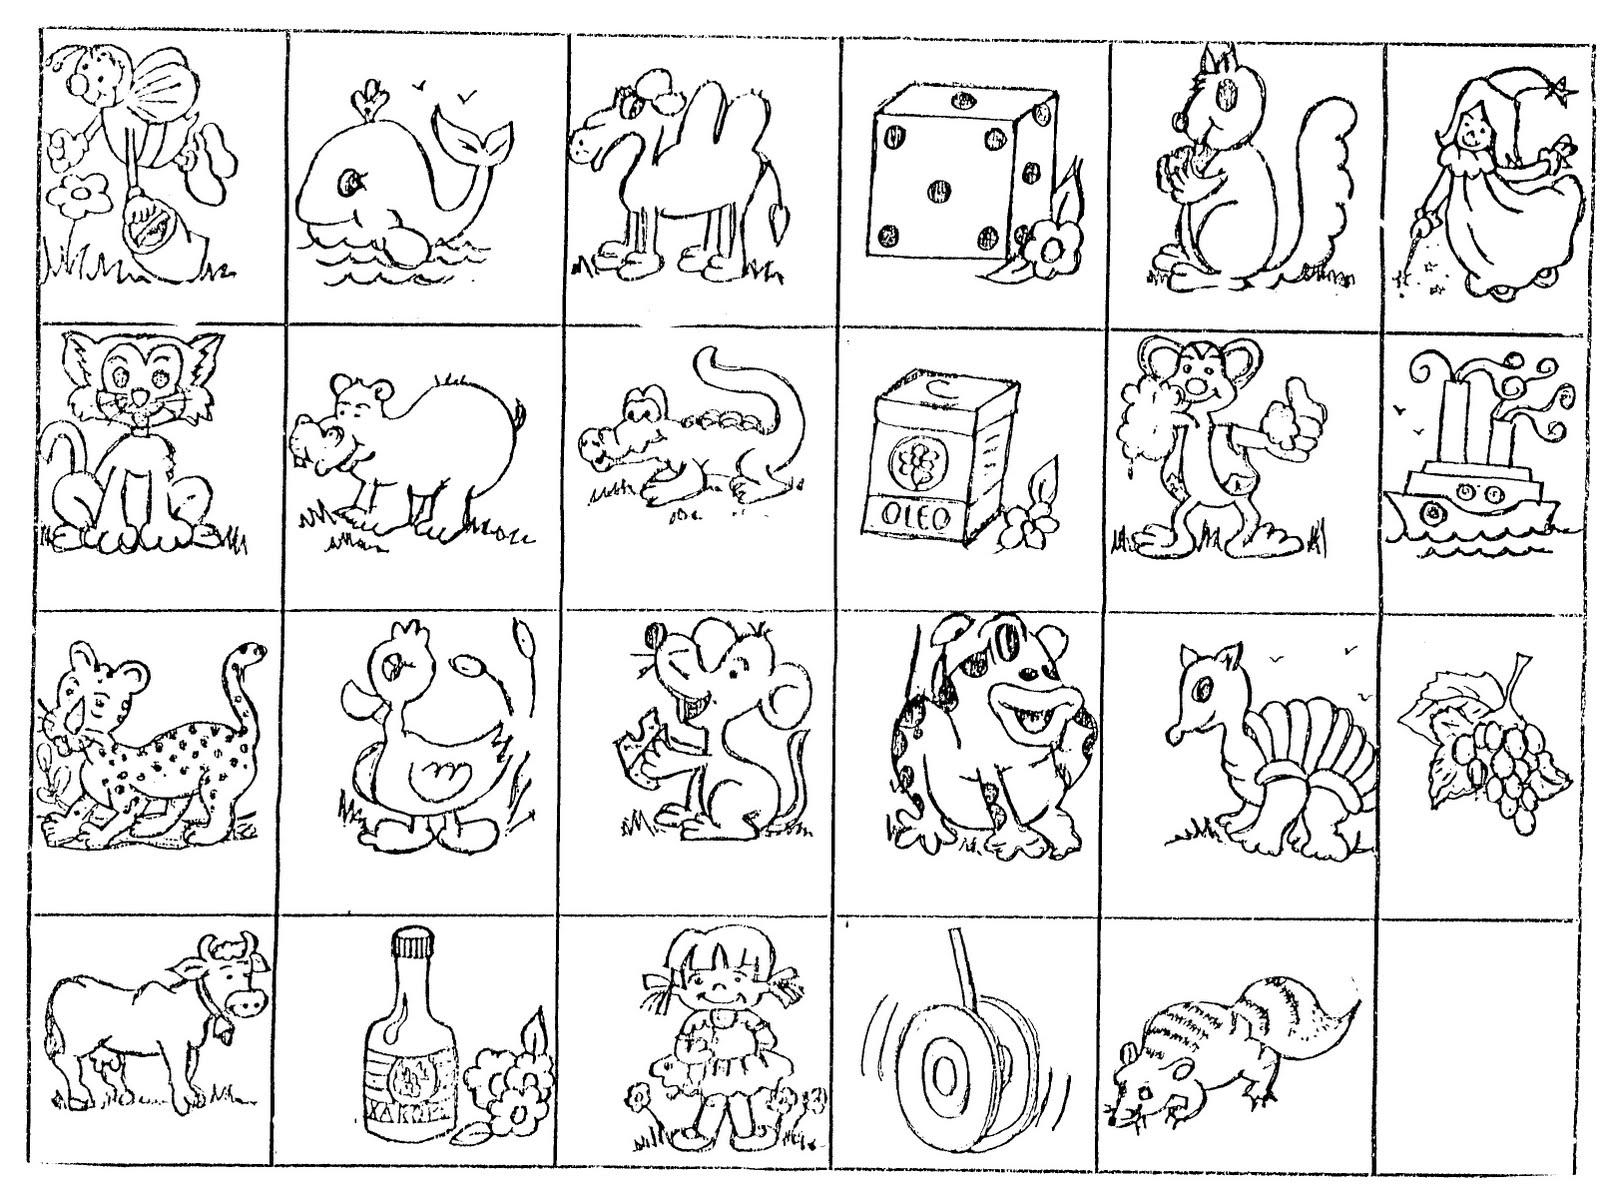 Populares Banco de Atividades: Alfabetização - jogo da memória CI22